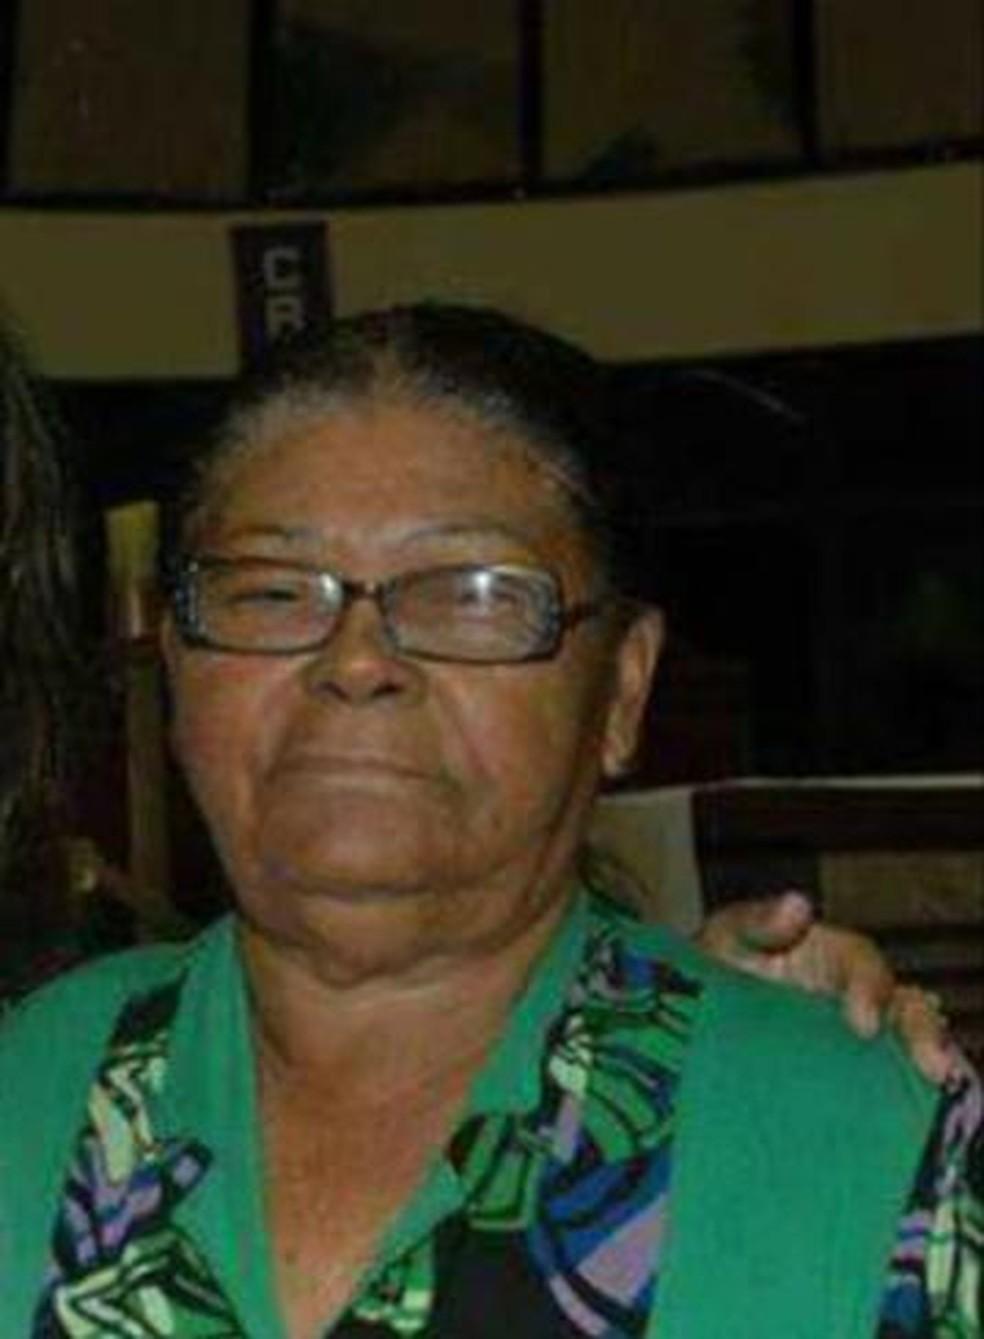 Lorinete Ribeiro da Costa teve a casa invadida e foi morta com um tiro no rosto — Foto: Arquivo pessoal